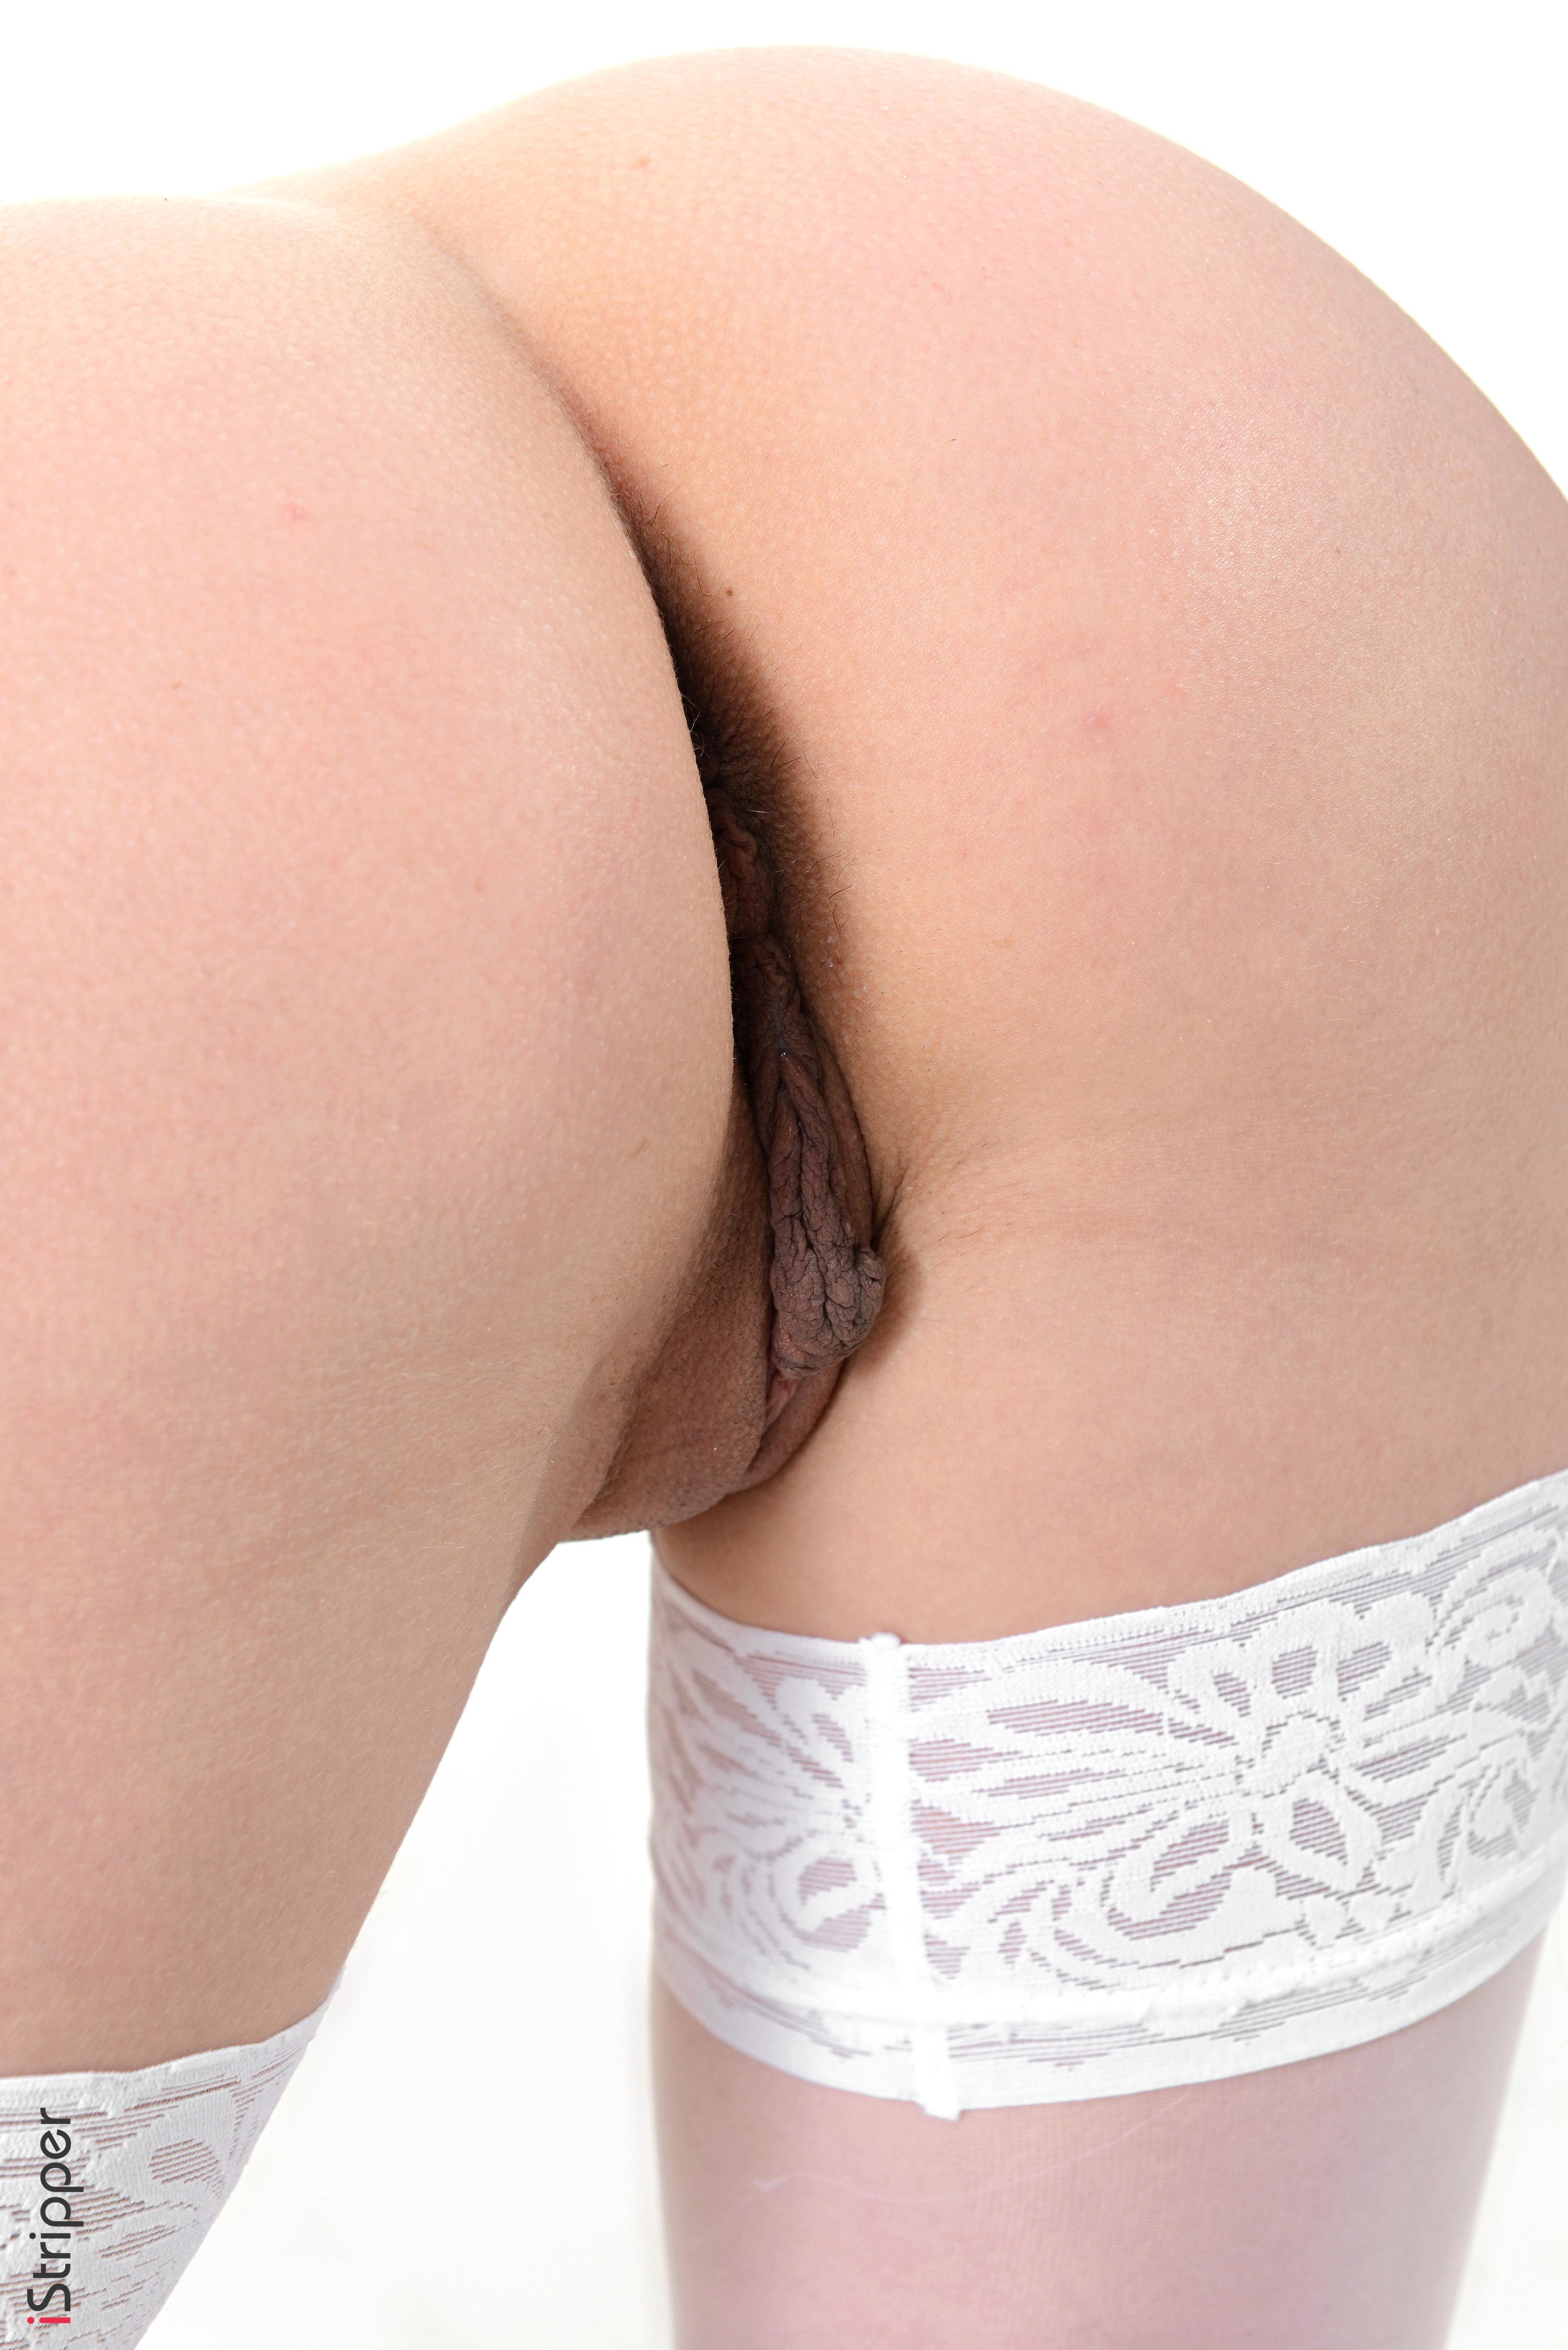 vaginal closeups